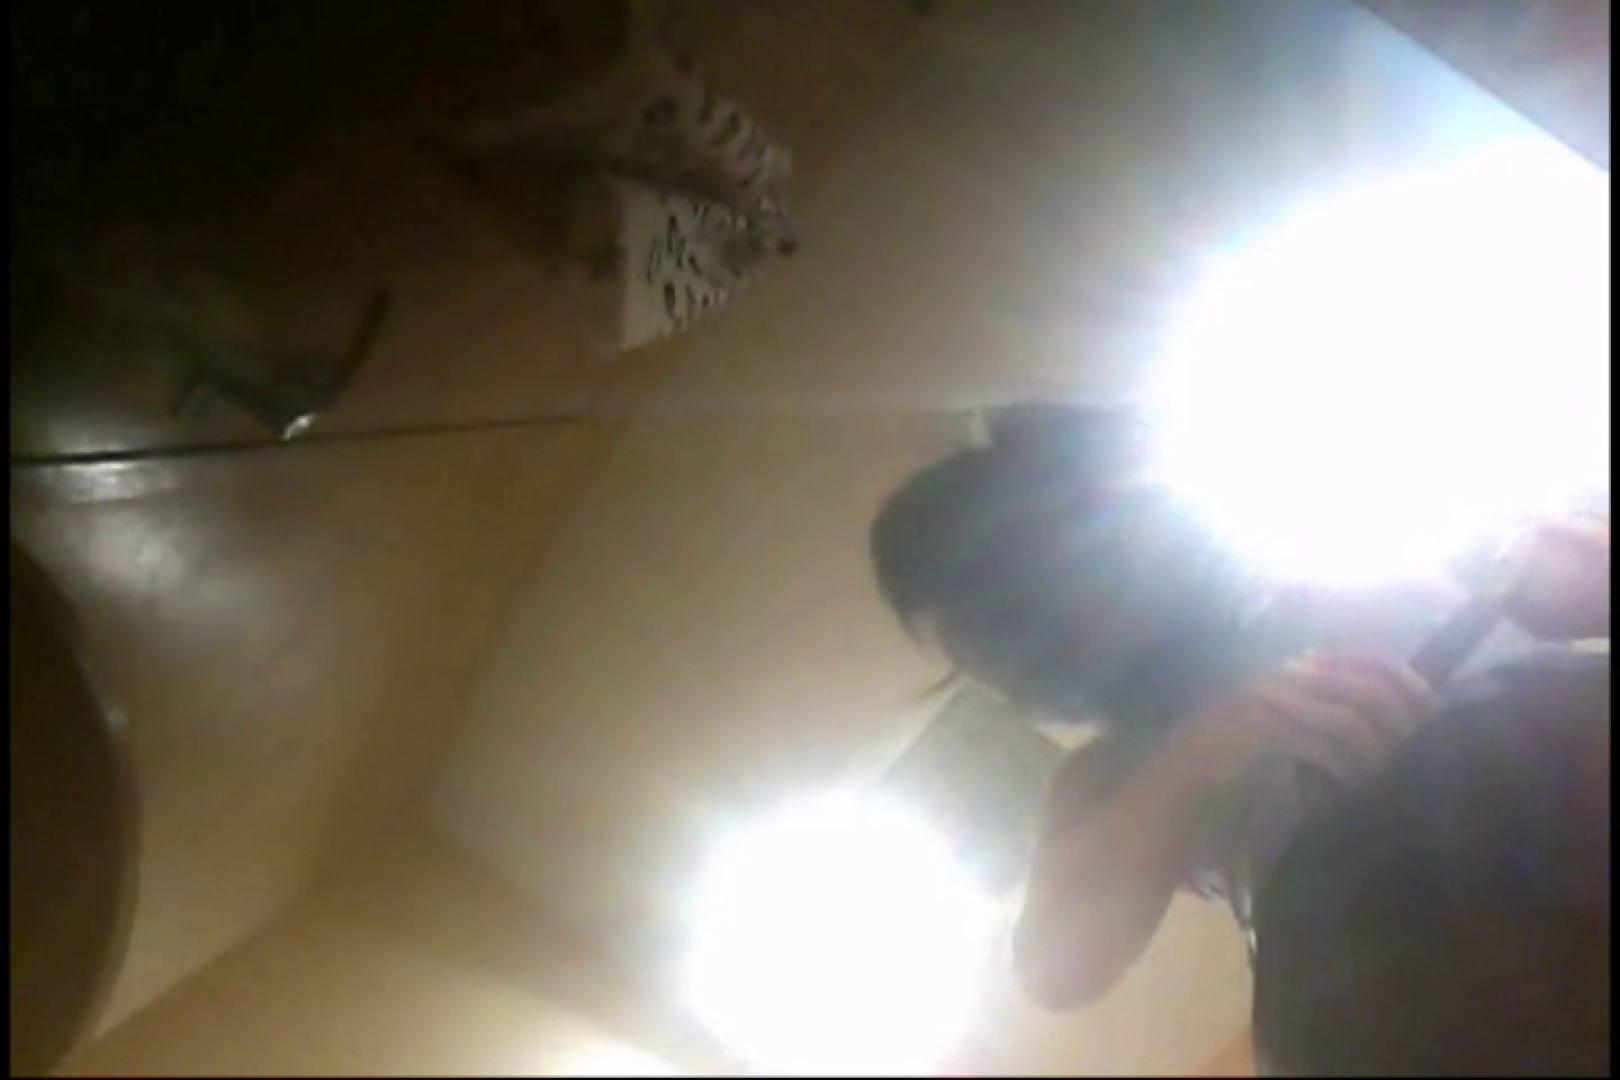 画質向上!新亀さん厠 vol.59 厠隠し撮り セックス無修正動画無料 95pic 82